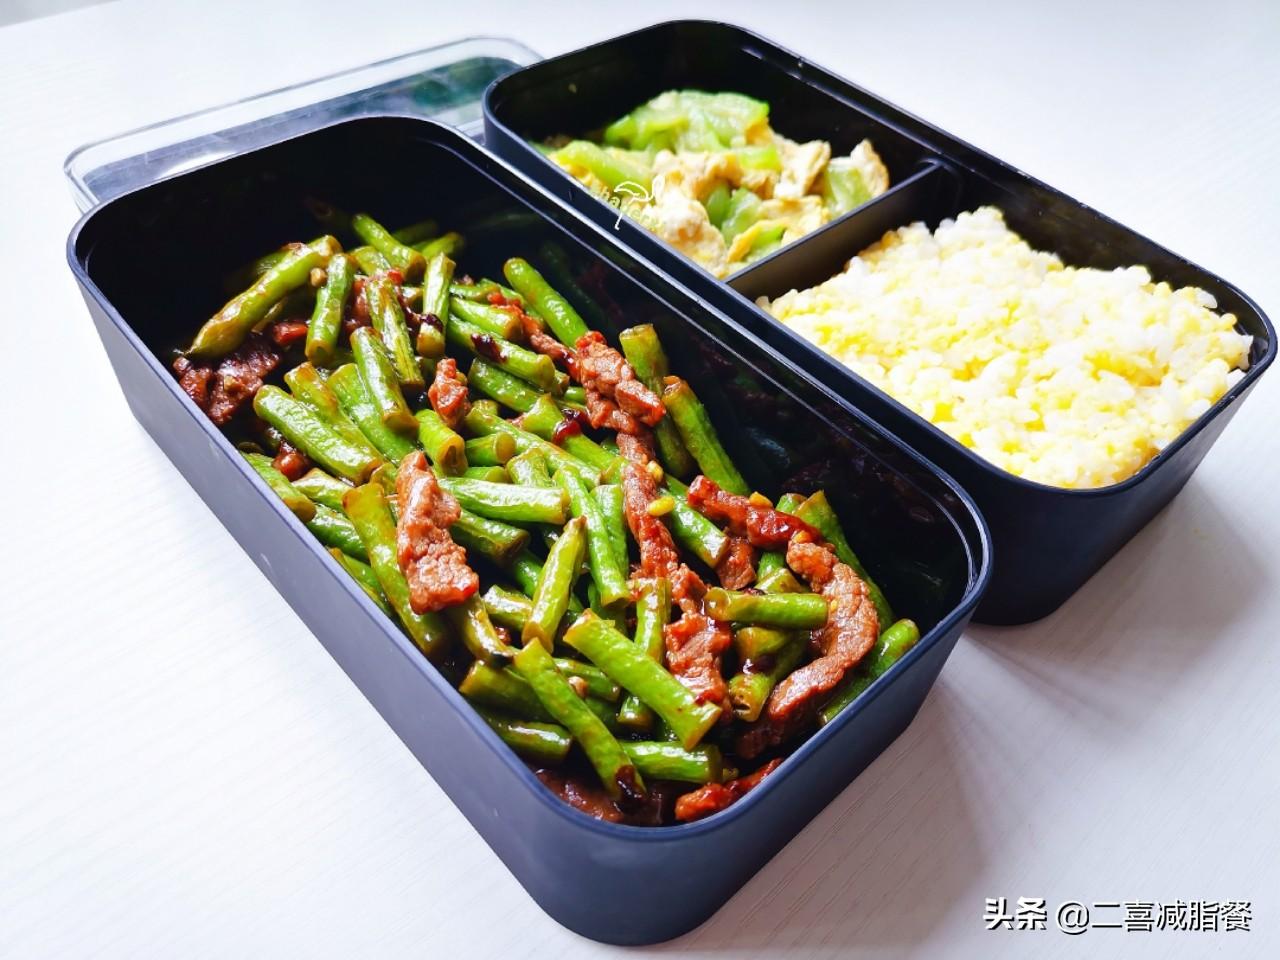 营养师3周的午餐食谱,营养均衡,荤素搭配 营养配餐 第7张